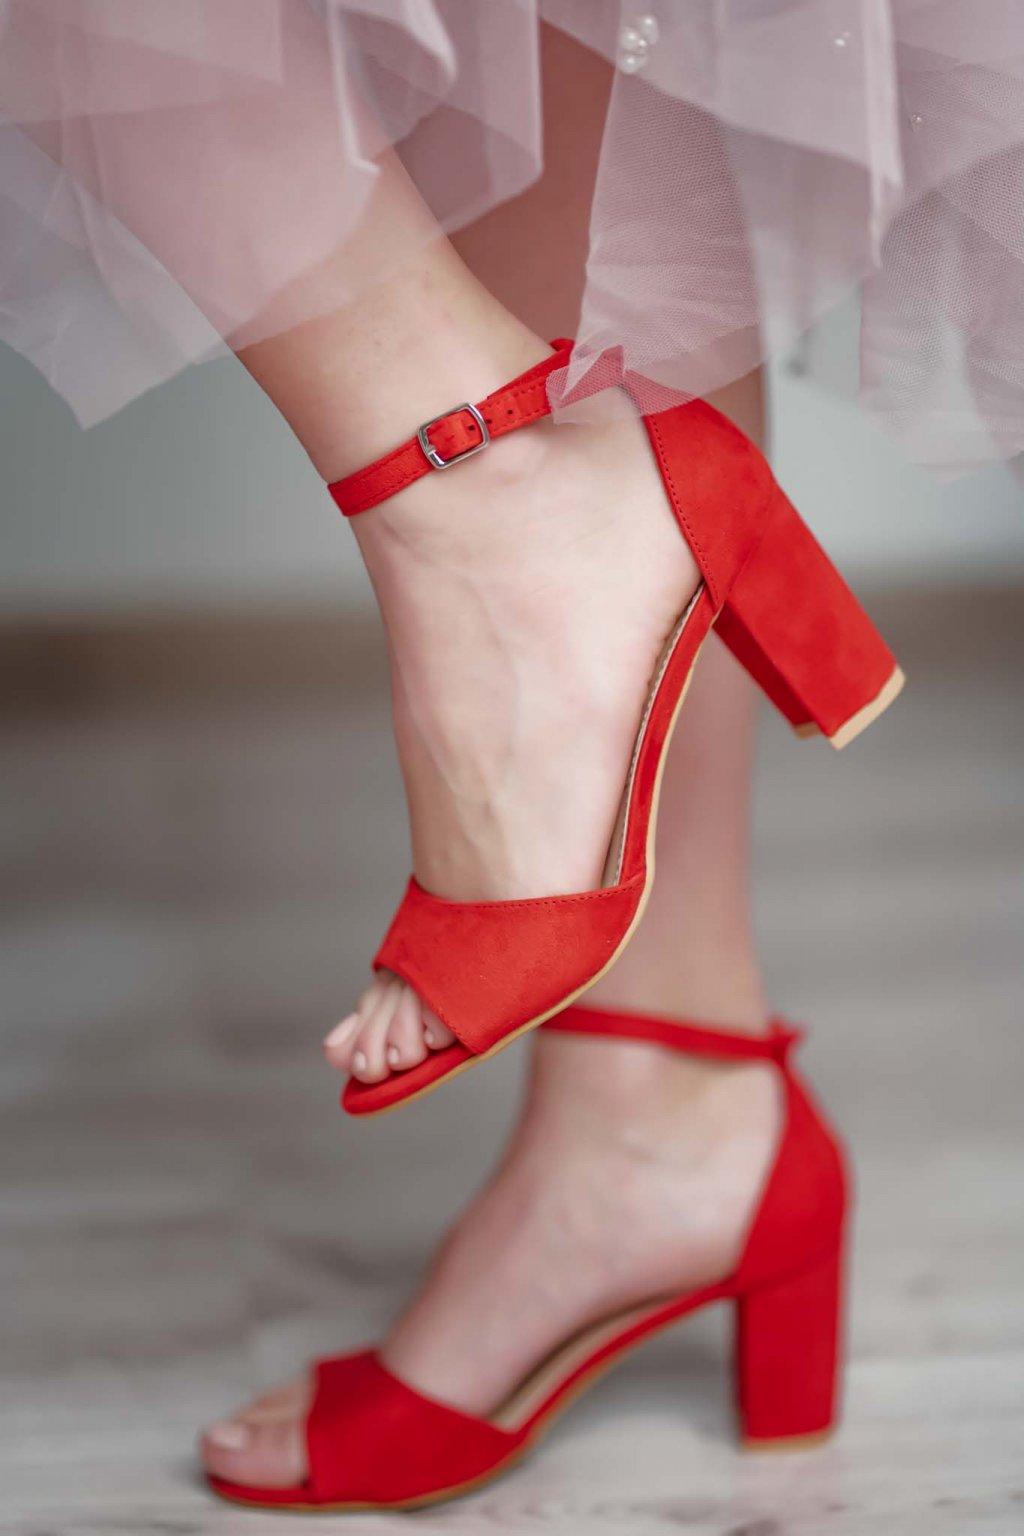 topánky, obuv, tenisky, botasky, lodičky, čižmy, šľapky, sandálky 522